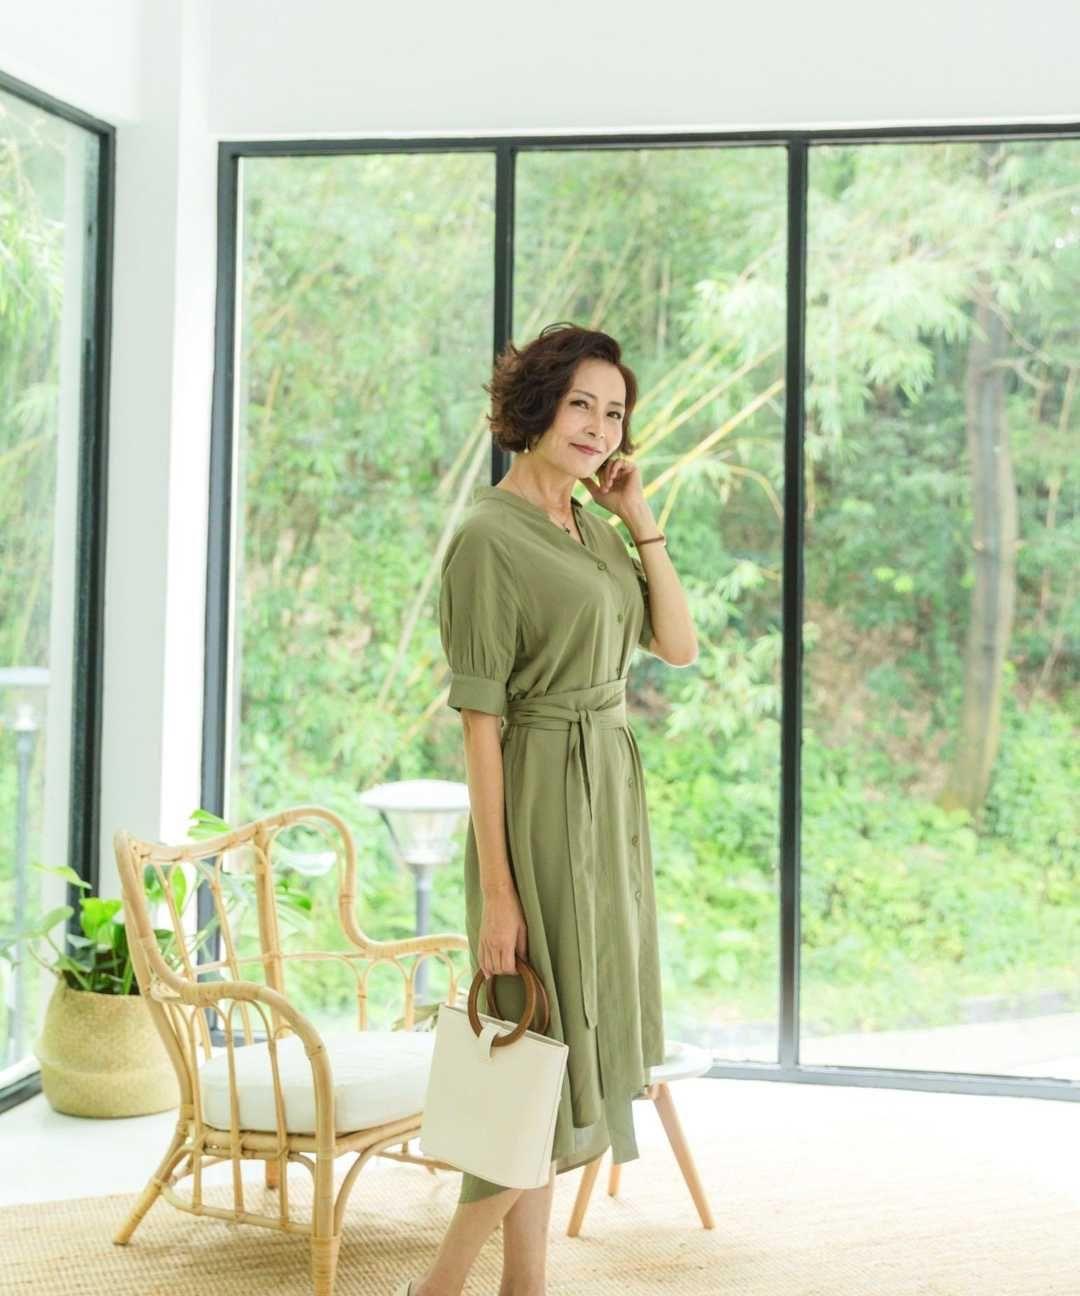 60岁的女人,别再穿印花裙了,教你优雅搭配技巧,时髦又洋气